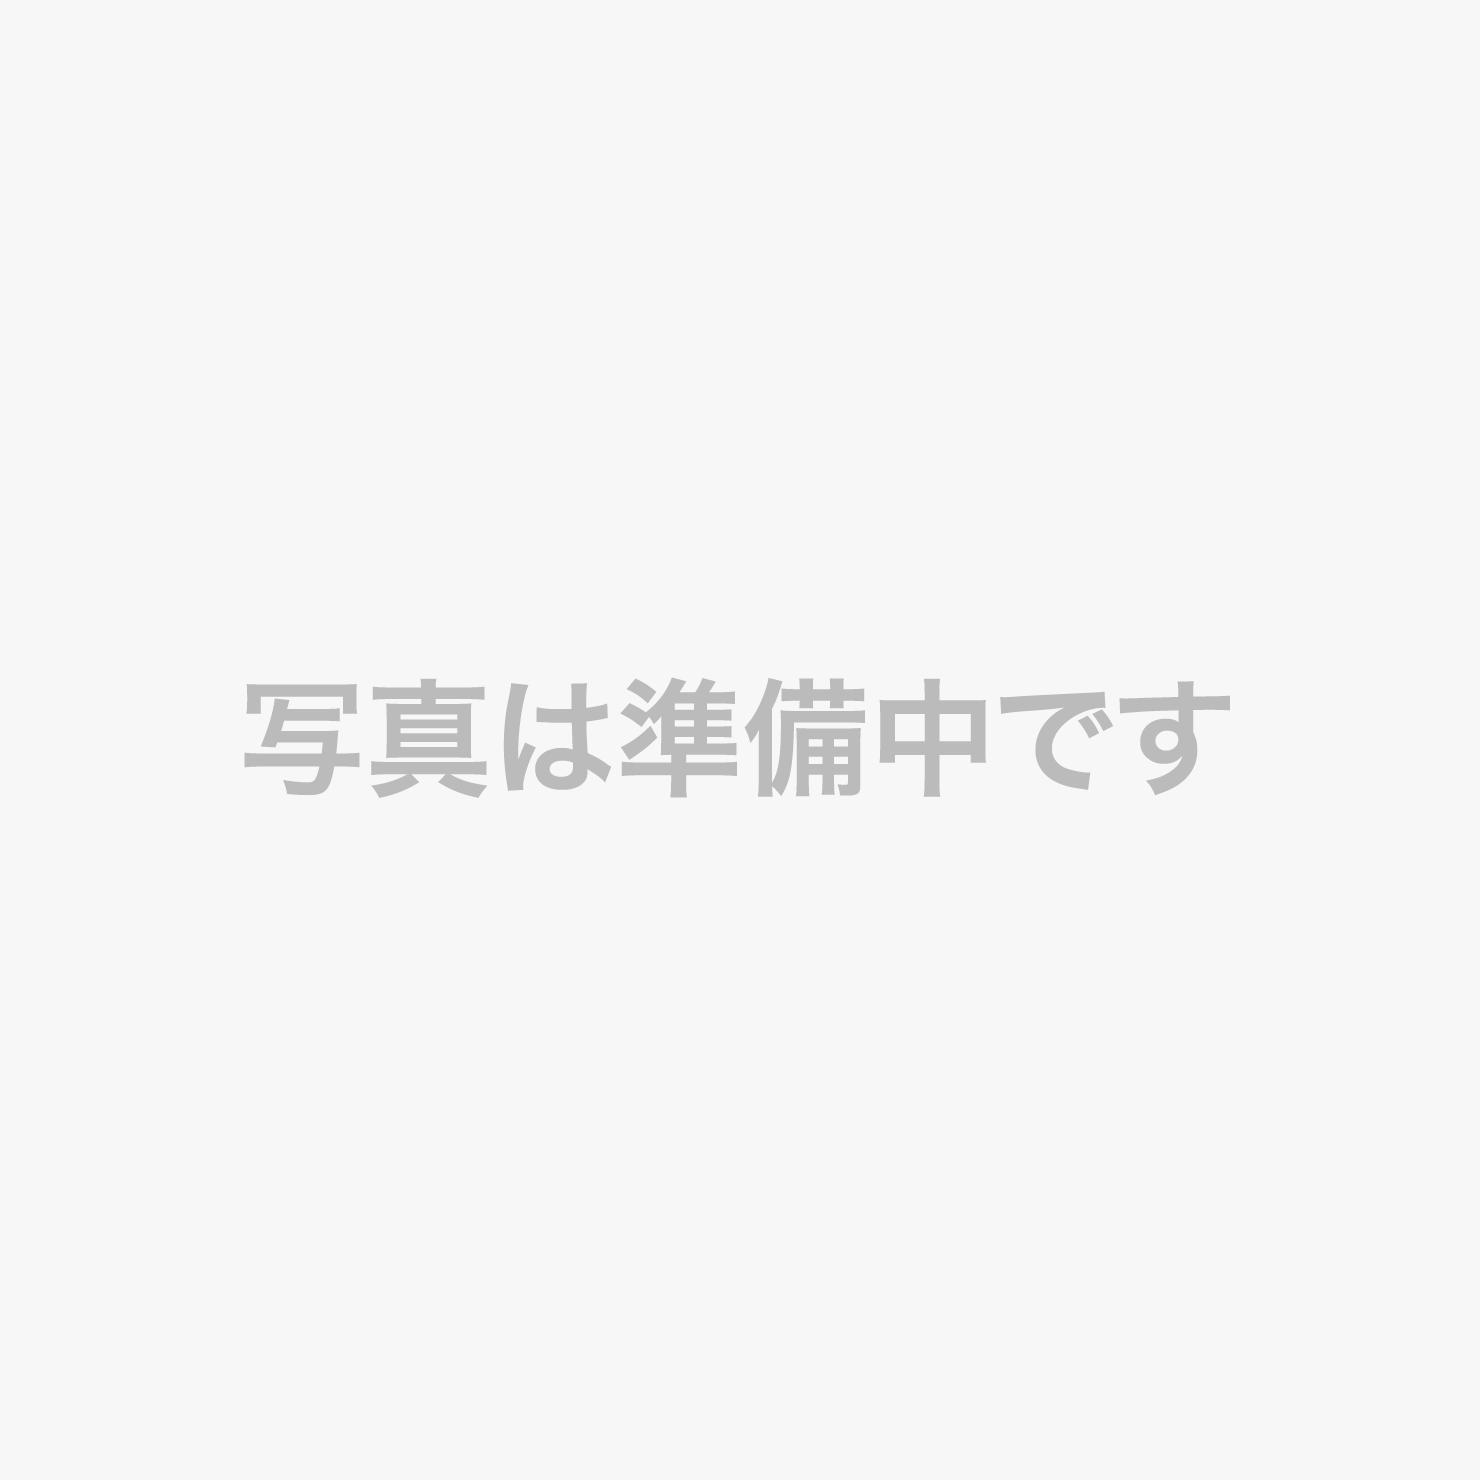 ★期間限定★【かにの食べ放題】10/12~11/30